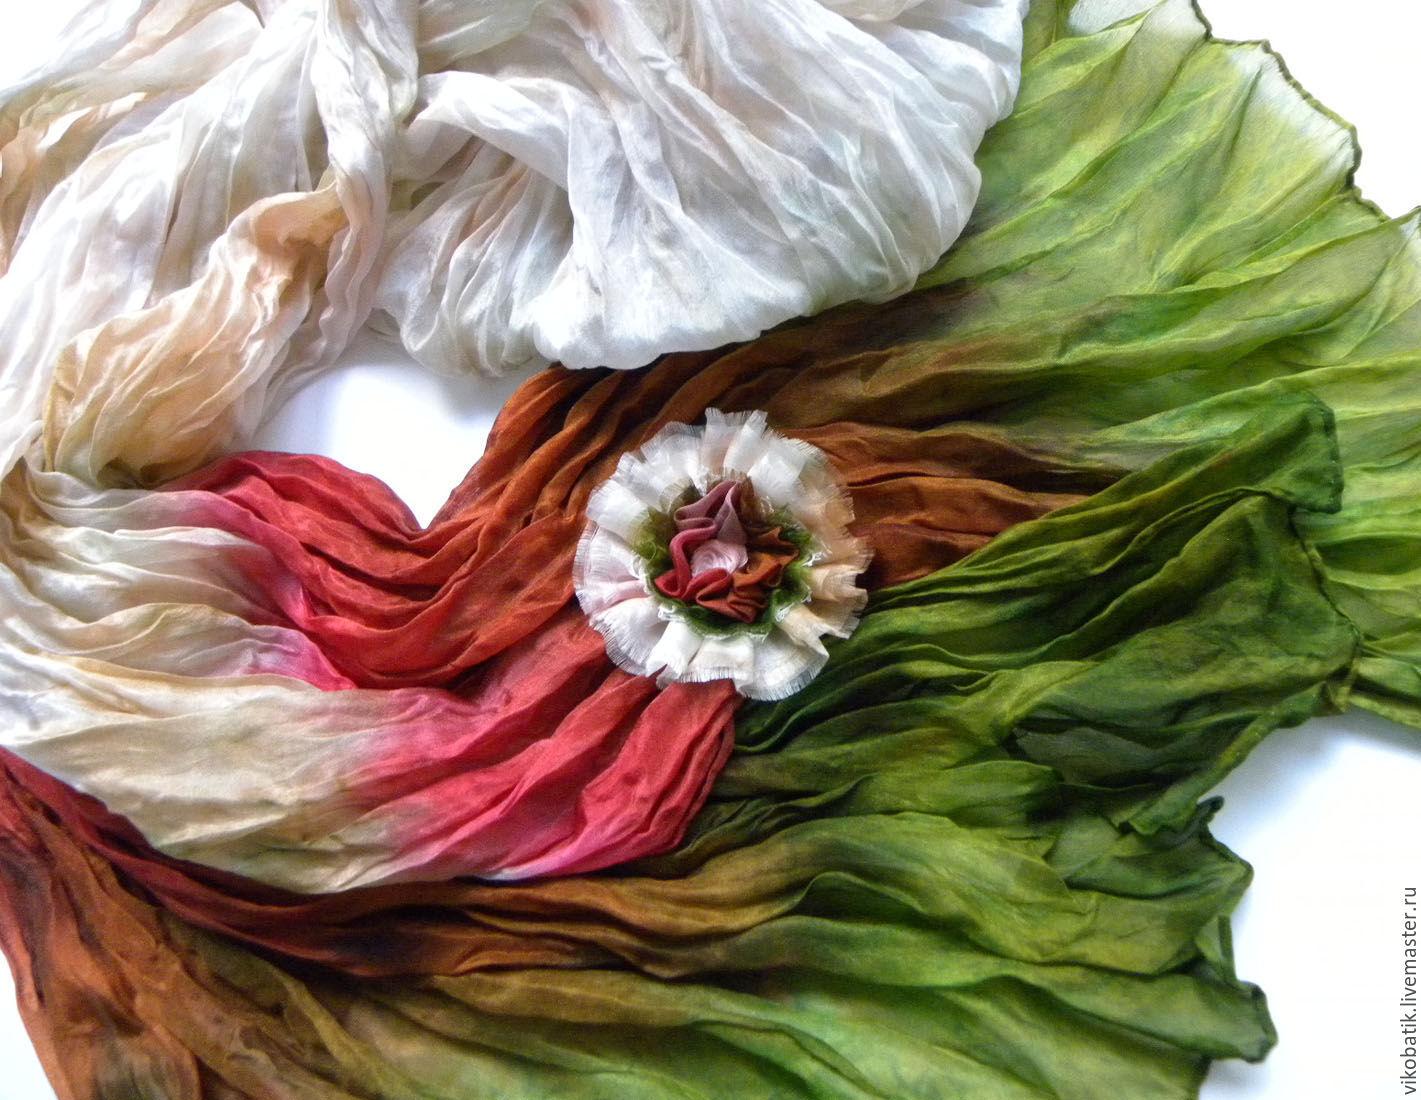 Шарф палантин ручной работы. Батик. Ручная роспись. Шибори. Эльфийский. Лесной. Красивый шарф. Подарок женщине.Купить шелковый шарф.